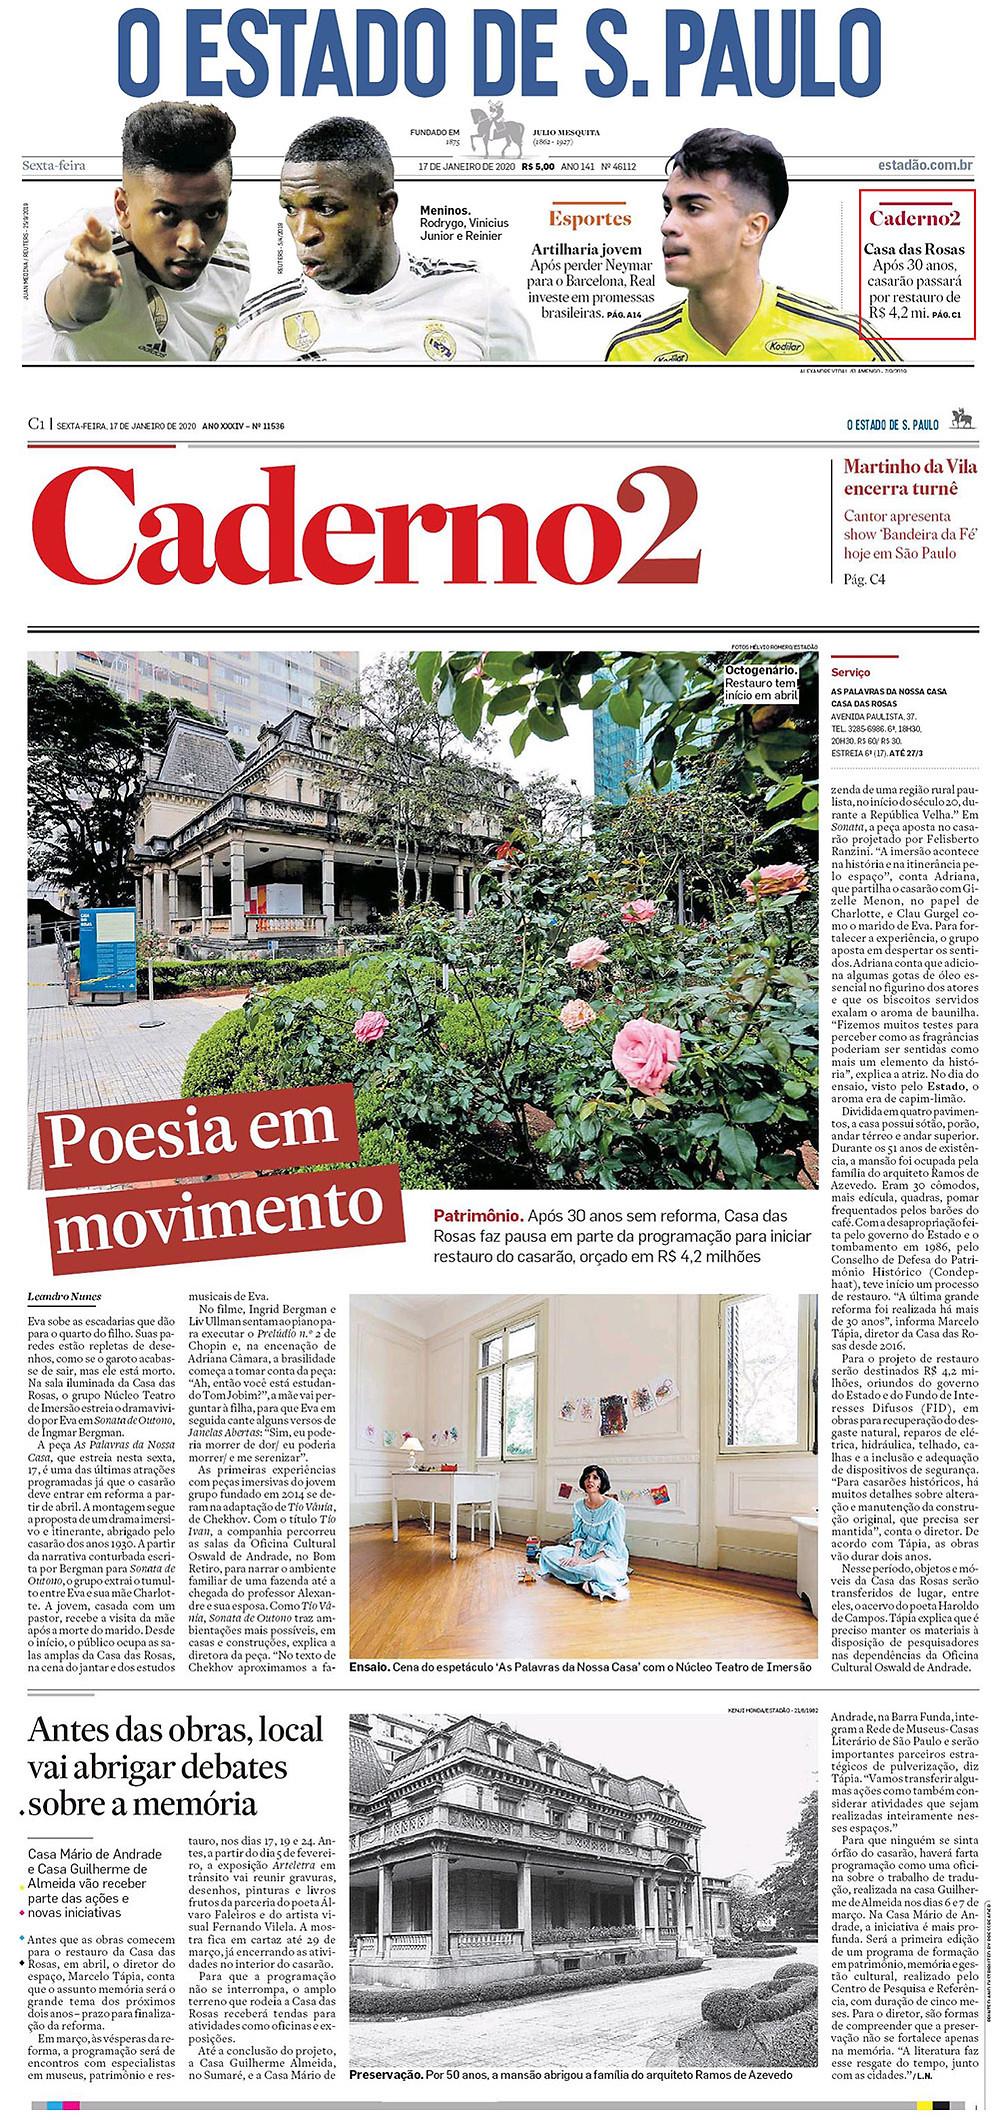 As Palavras da Nossa Casa - Teatro Imersivo - Caderno 2 - O Estado de S. Paulo - Núcleo Teatro de Imersão